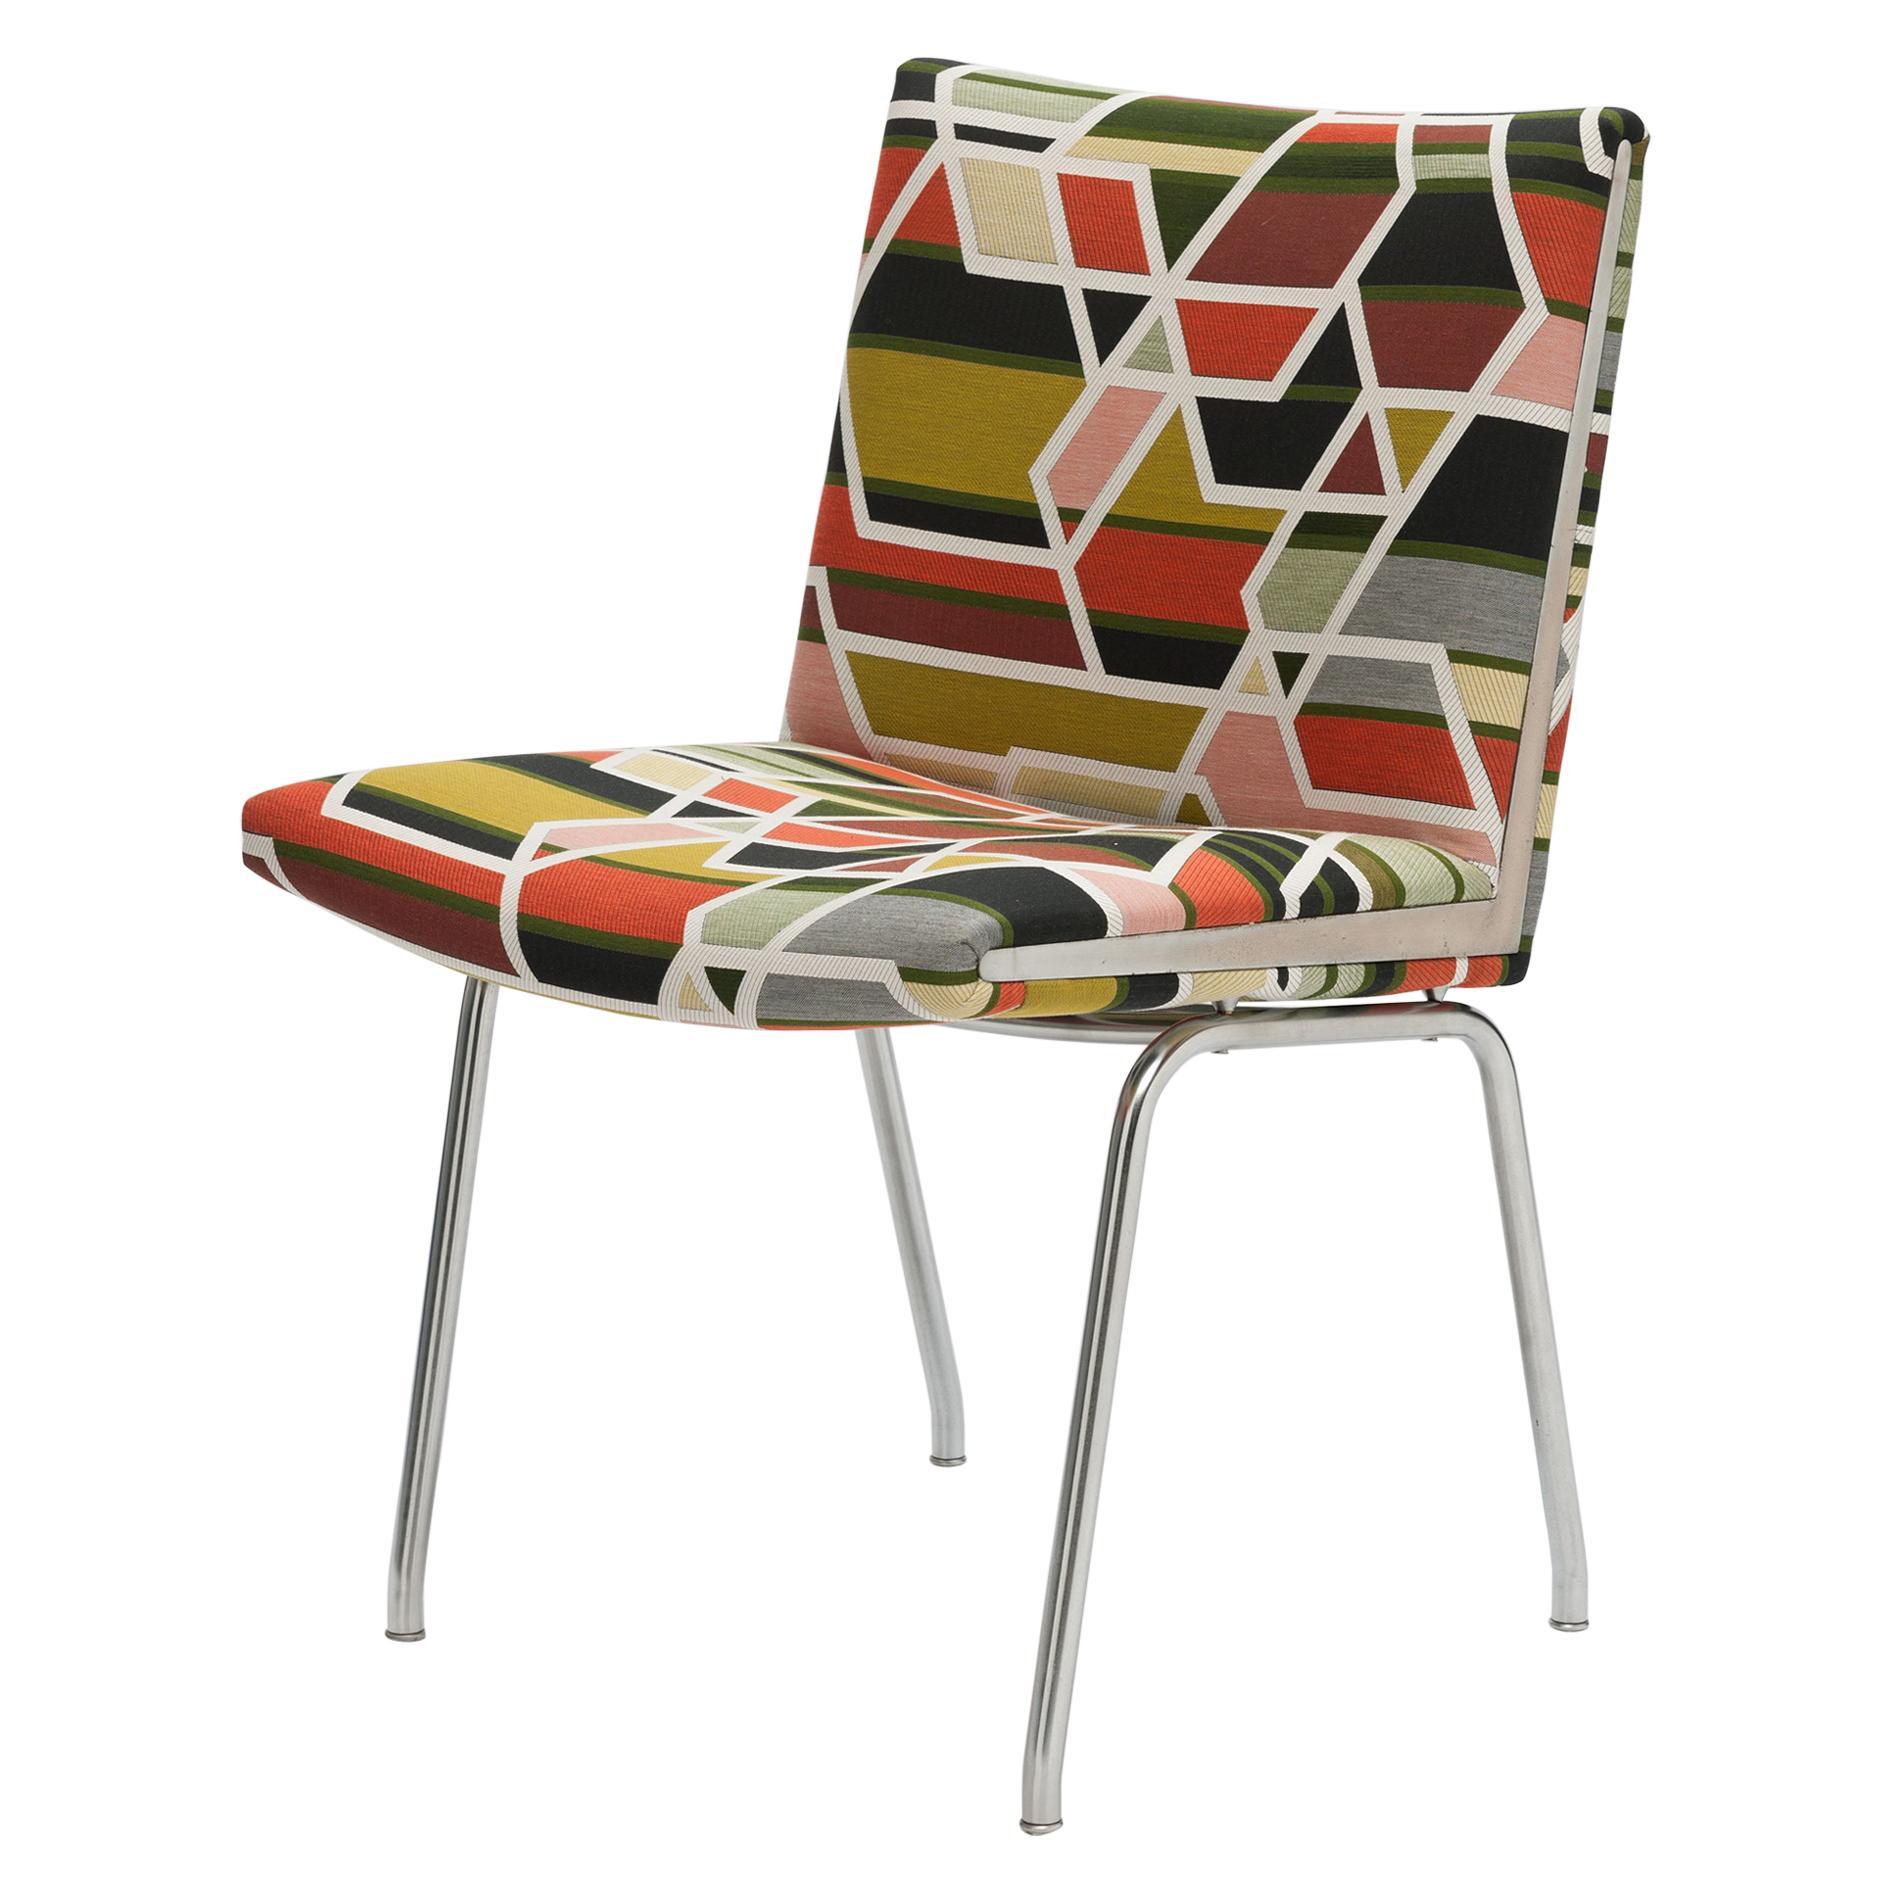 Hans J. Wegner AP38  'Airport' Chair by A.P. Stolen, Denmark